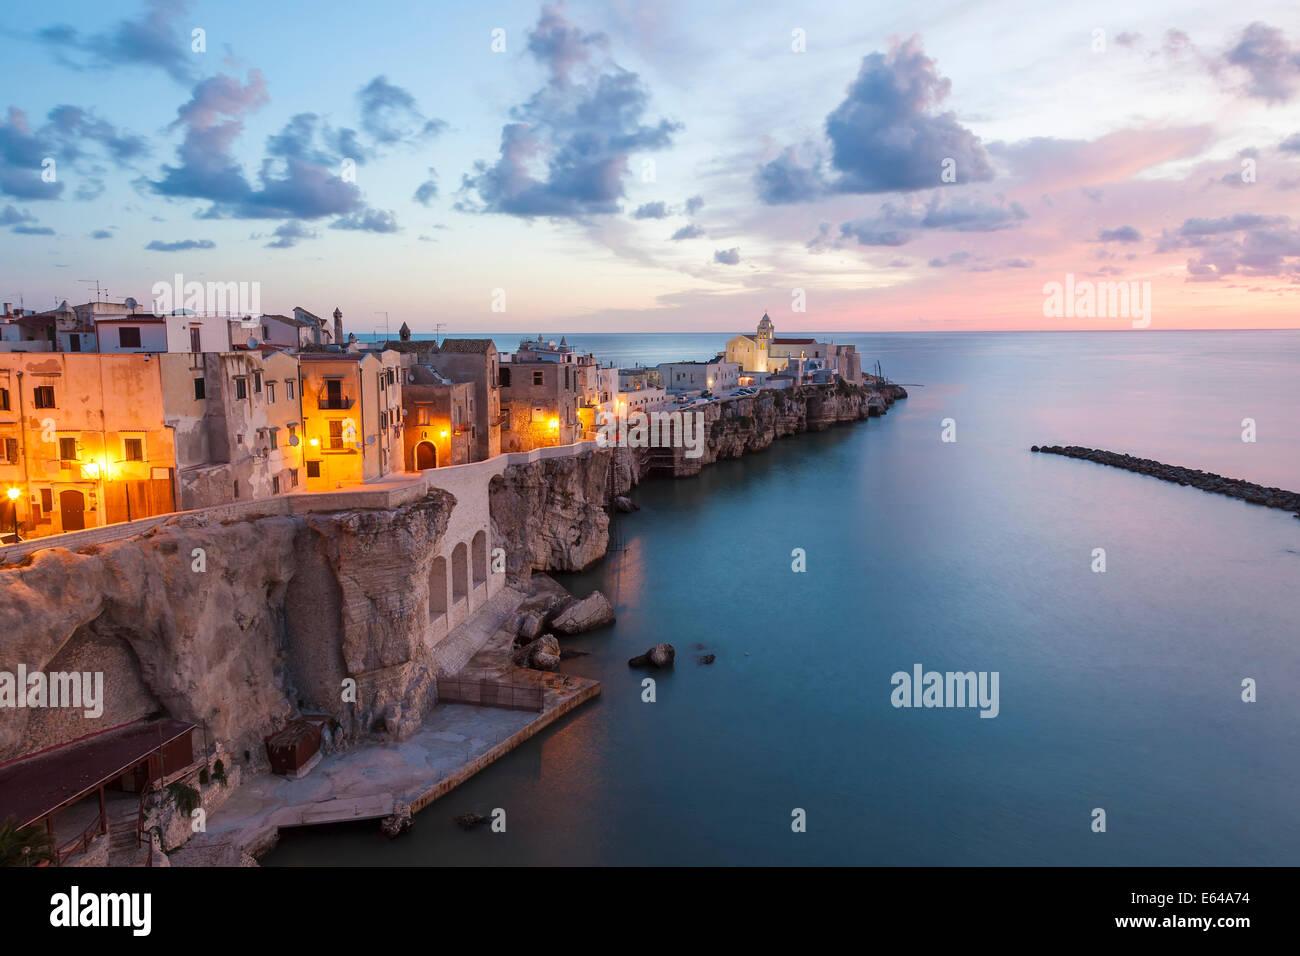 Città con la chiesa di San Francesco, Vieste del Gargano Foggia district, Puglia Puglia, Italia Immagini Stock